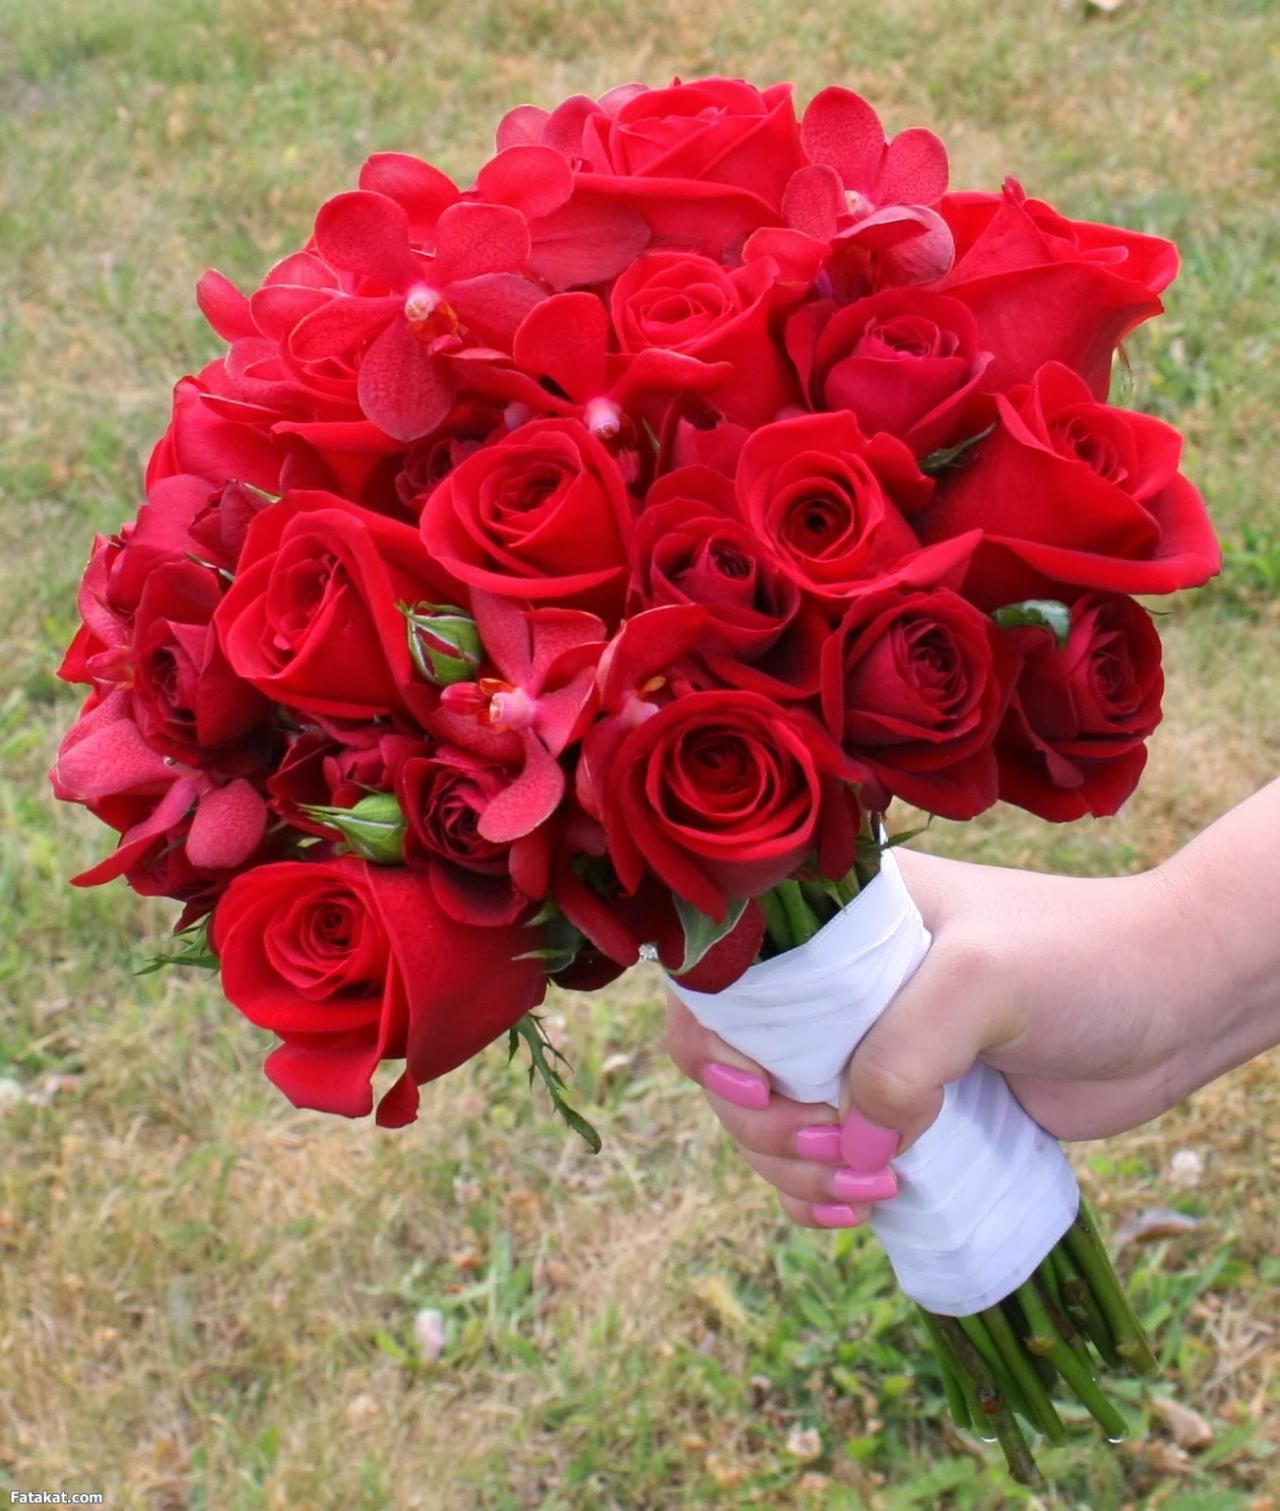 صورة صور ورد حلوه , انواع الورود بالصور الجميله